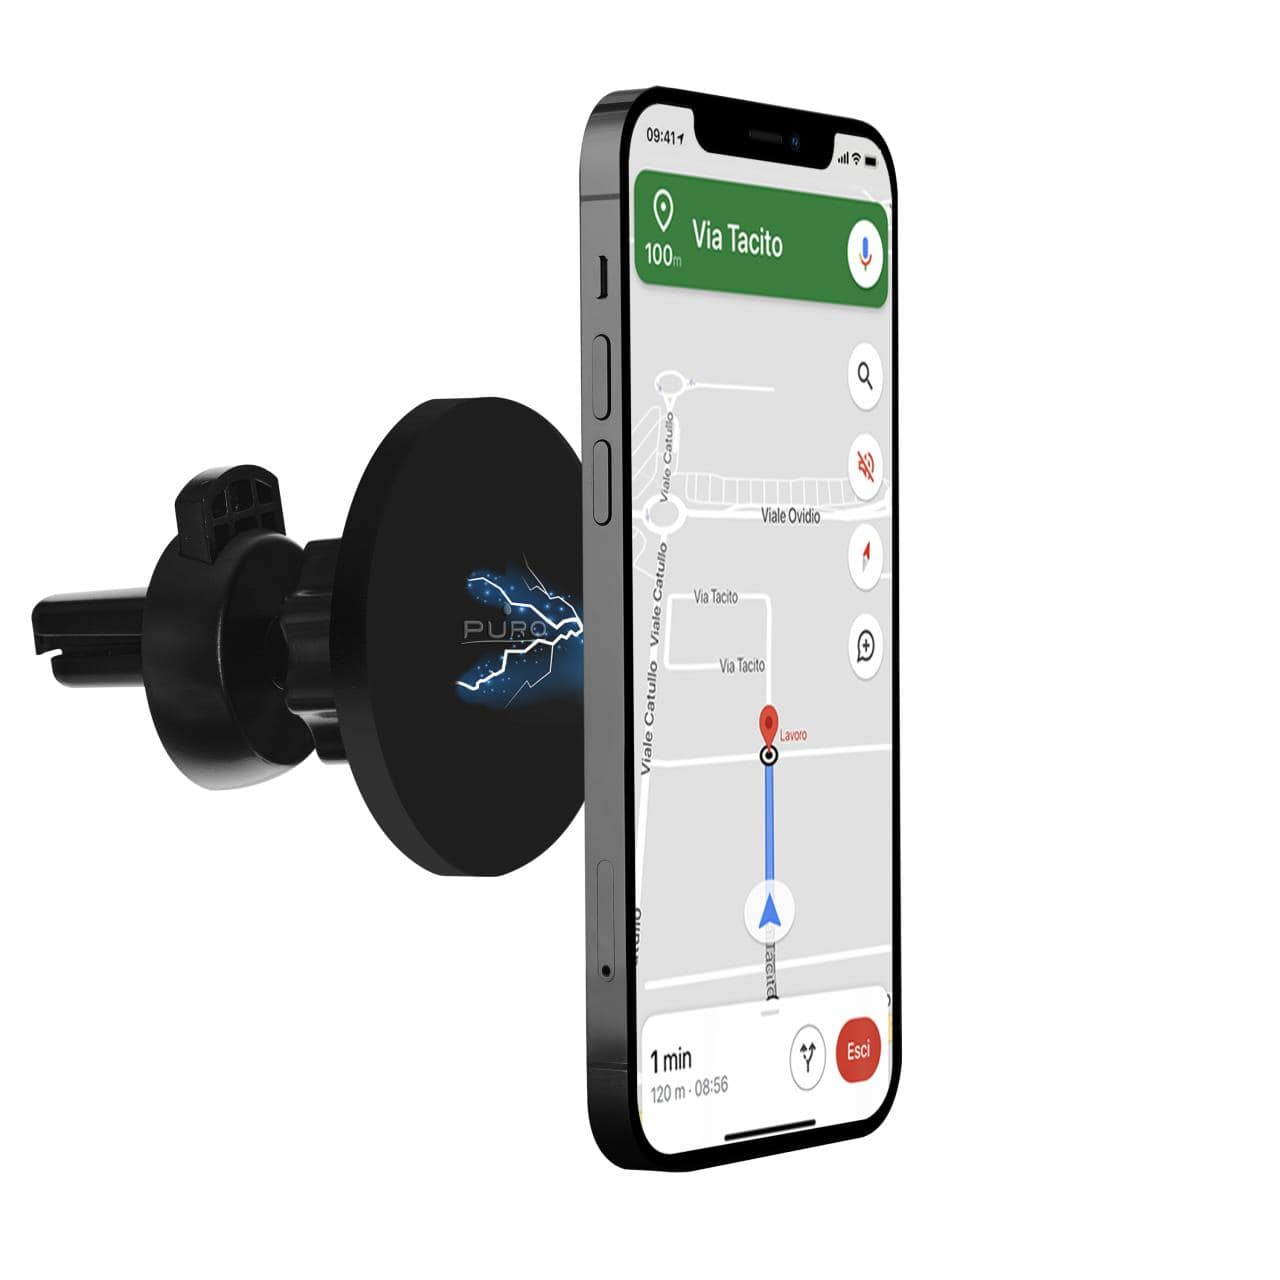 puro-Supporto-Magnetico-MagSafe-360-da-Auto-ideale-per-iPhone-12-e-iPhone-13_01-min